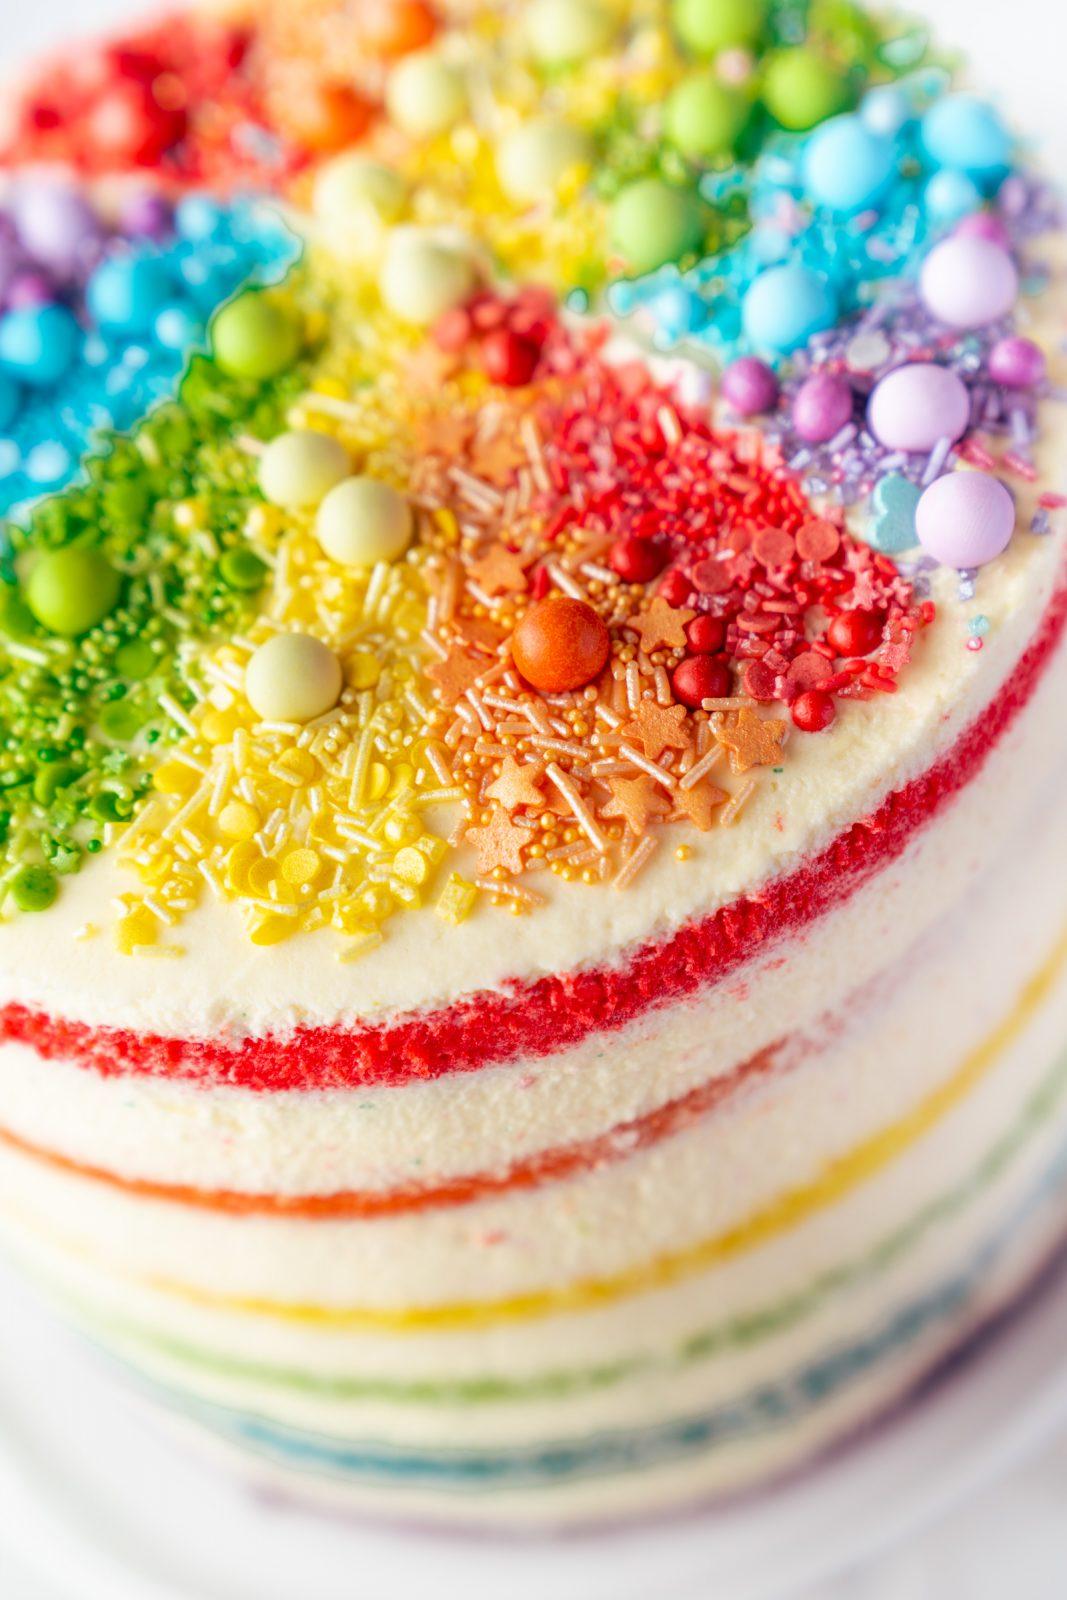 Regenbogen Torte 37 | Born this way! Heute wird es bunt und das ist gut so. Der Juni ist der alljährliche Pride-Monat und 2021 hat unsere Regenbogen-Torte ein Makeover defintiv verdient, denn ihr seid schon seit 2017 ganz verrückt nach diesem absoluten Leckerbissen! Aber was hat es mit der Regenbogenflagge eigentlich genau auf sich? Wir werden dem mal ein wenig auf den Grund gehen und dabei gibt es ein großes Stück Rainbow Cake.